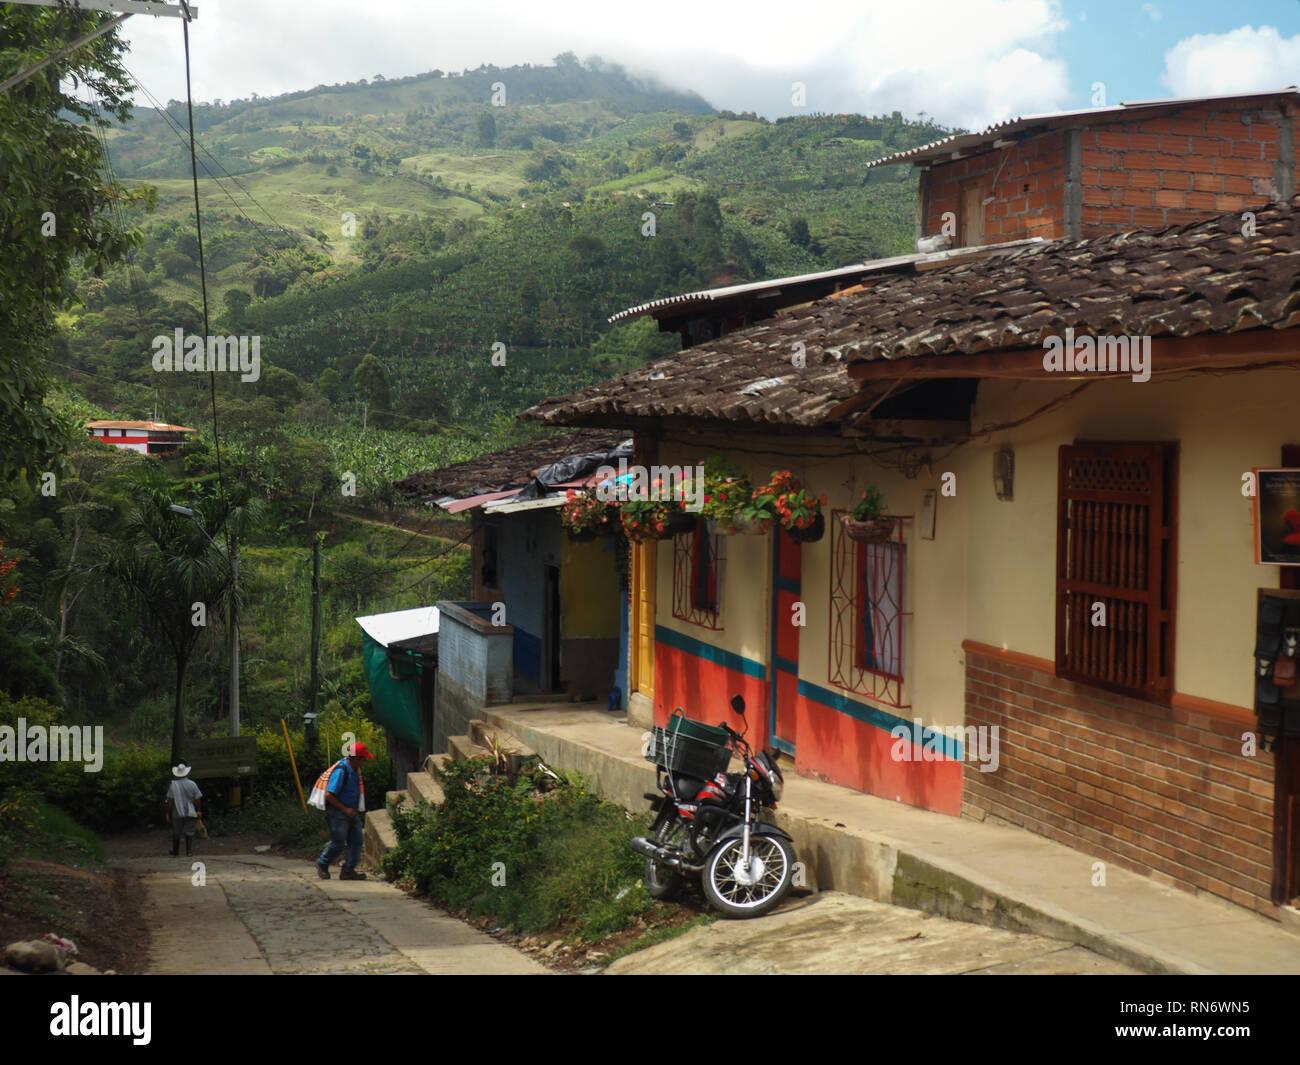 Rues De Jardin Colombie Banque D Images Photo Stock 236794465 Alamy